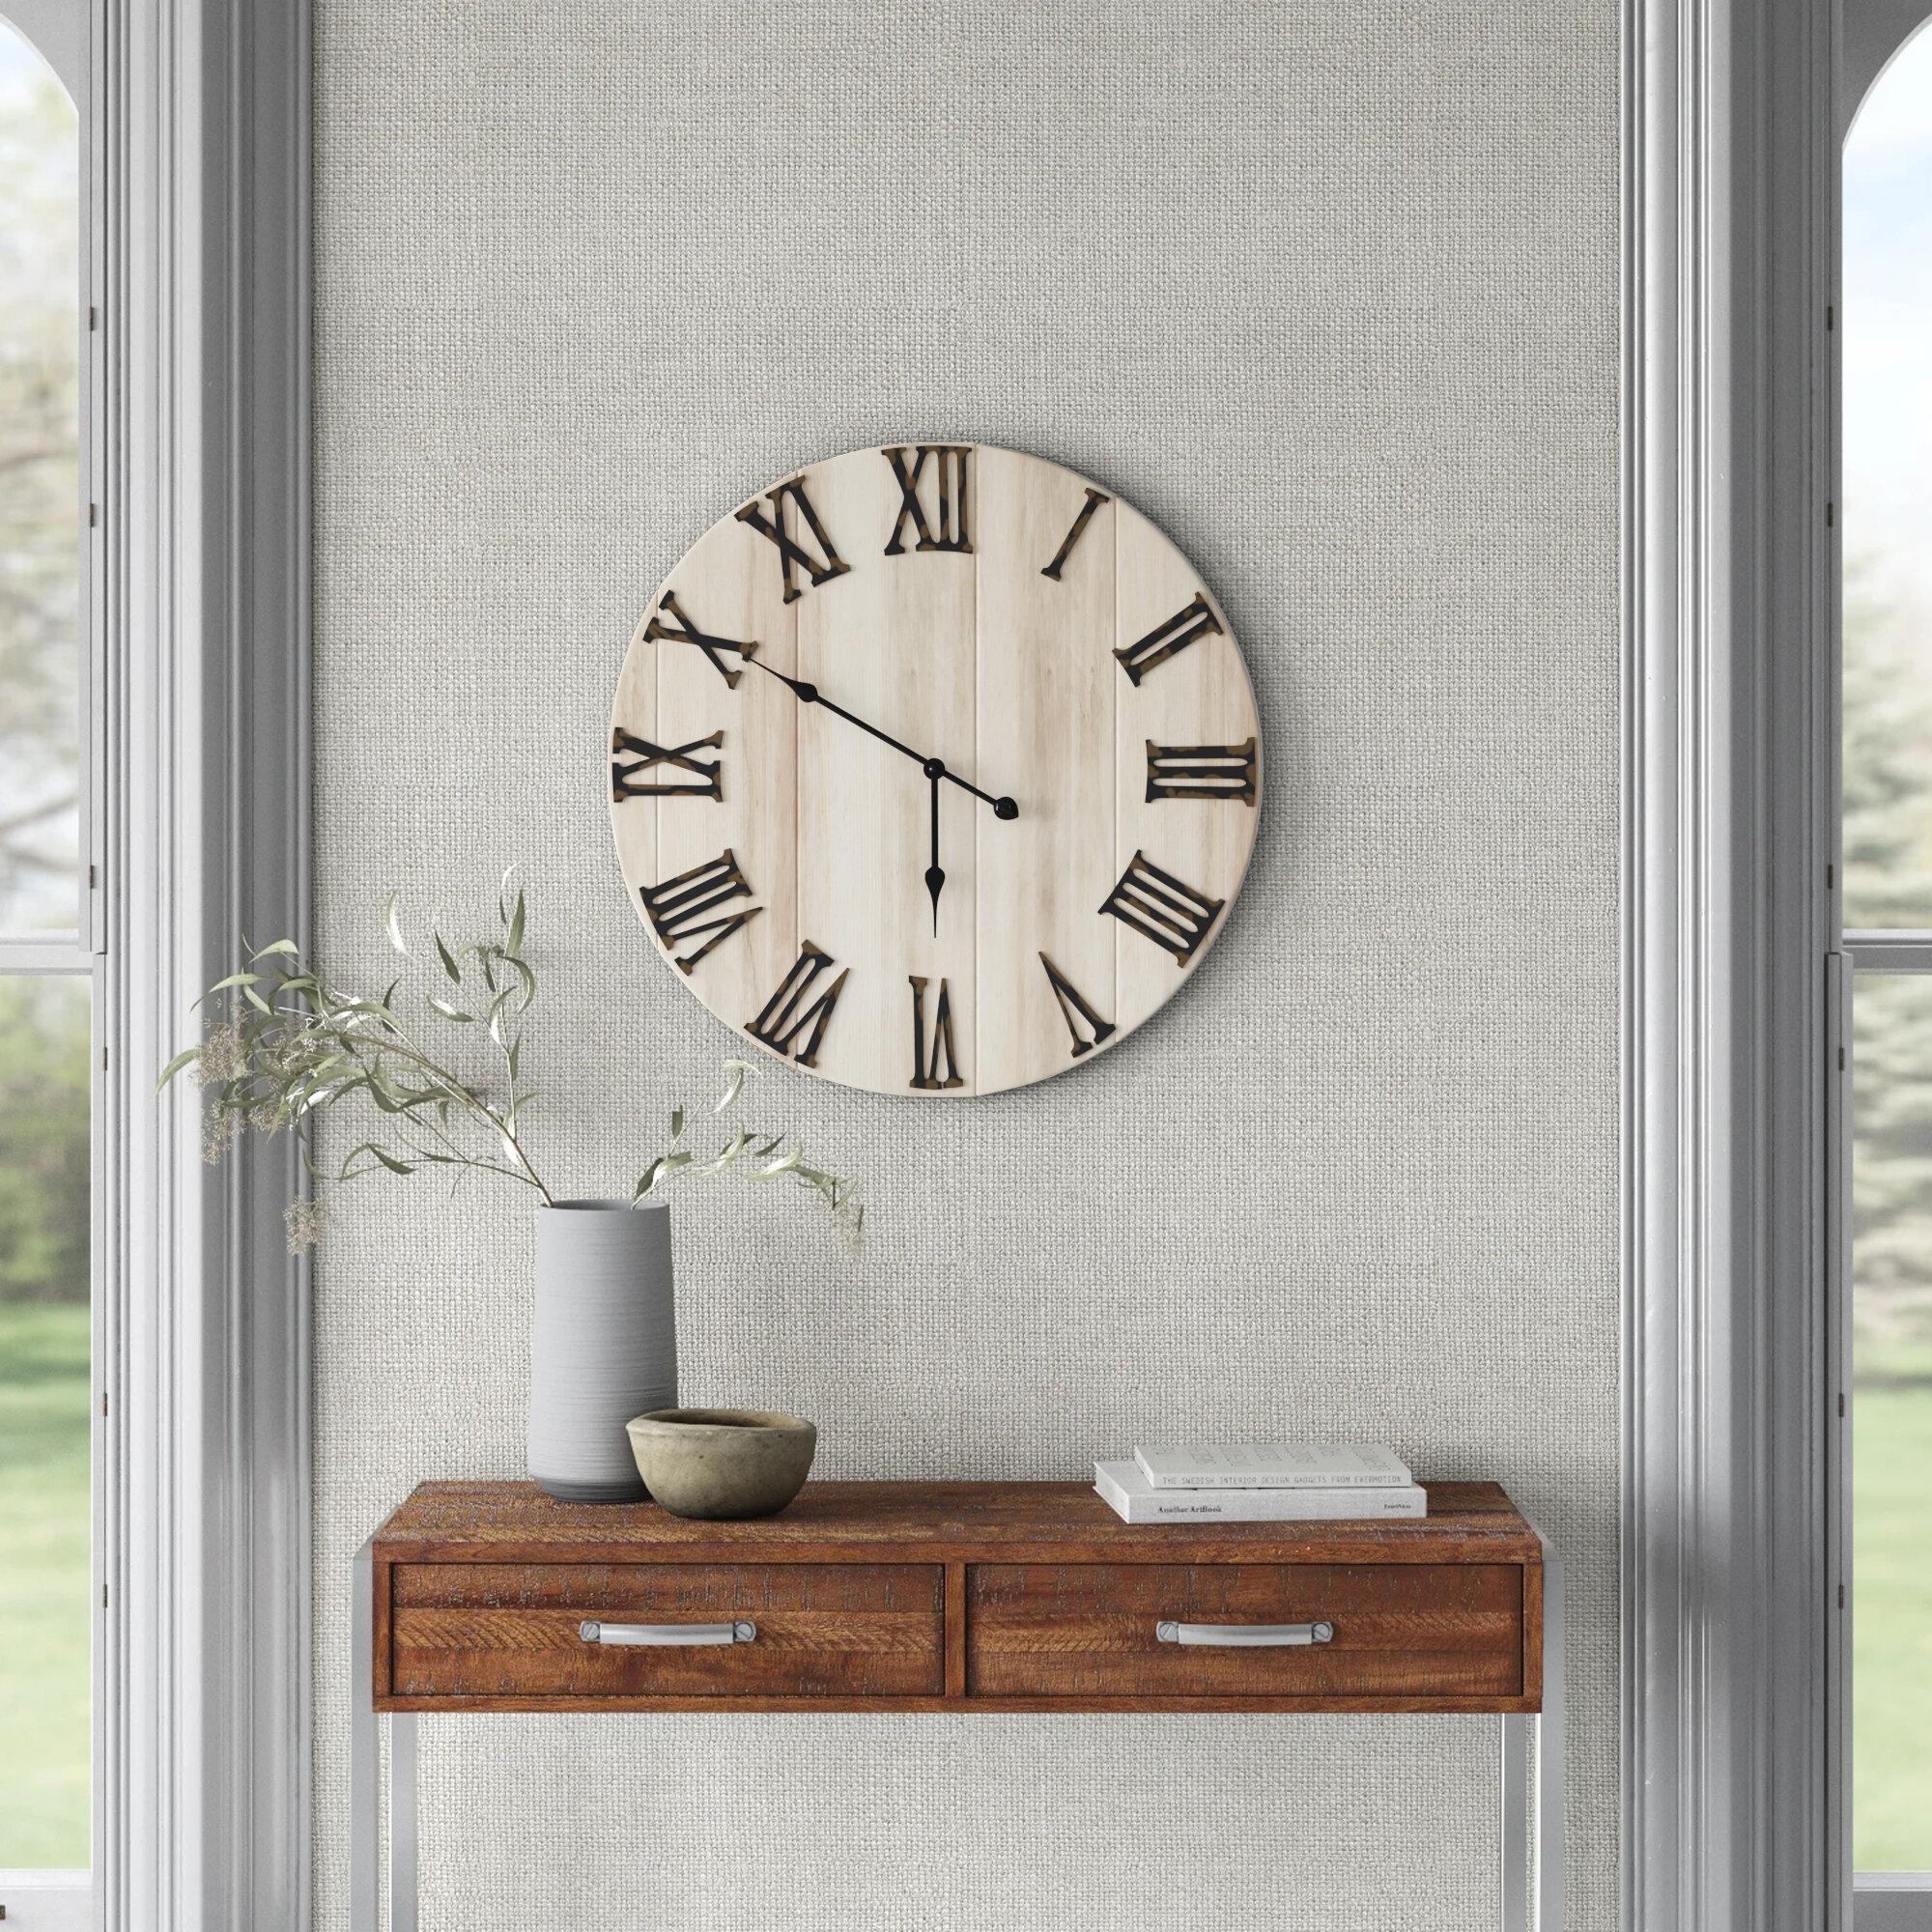 Villalobos Oversized 28 Wall Clock Reviews Joss Main